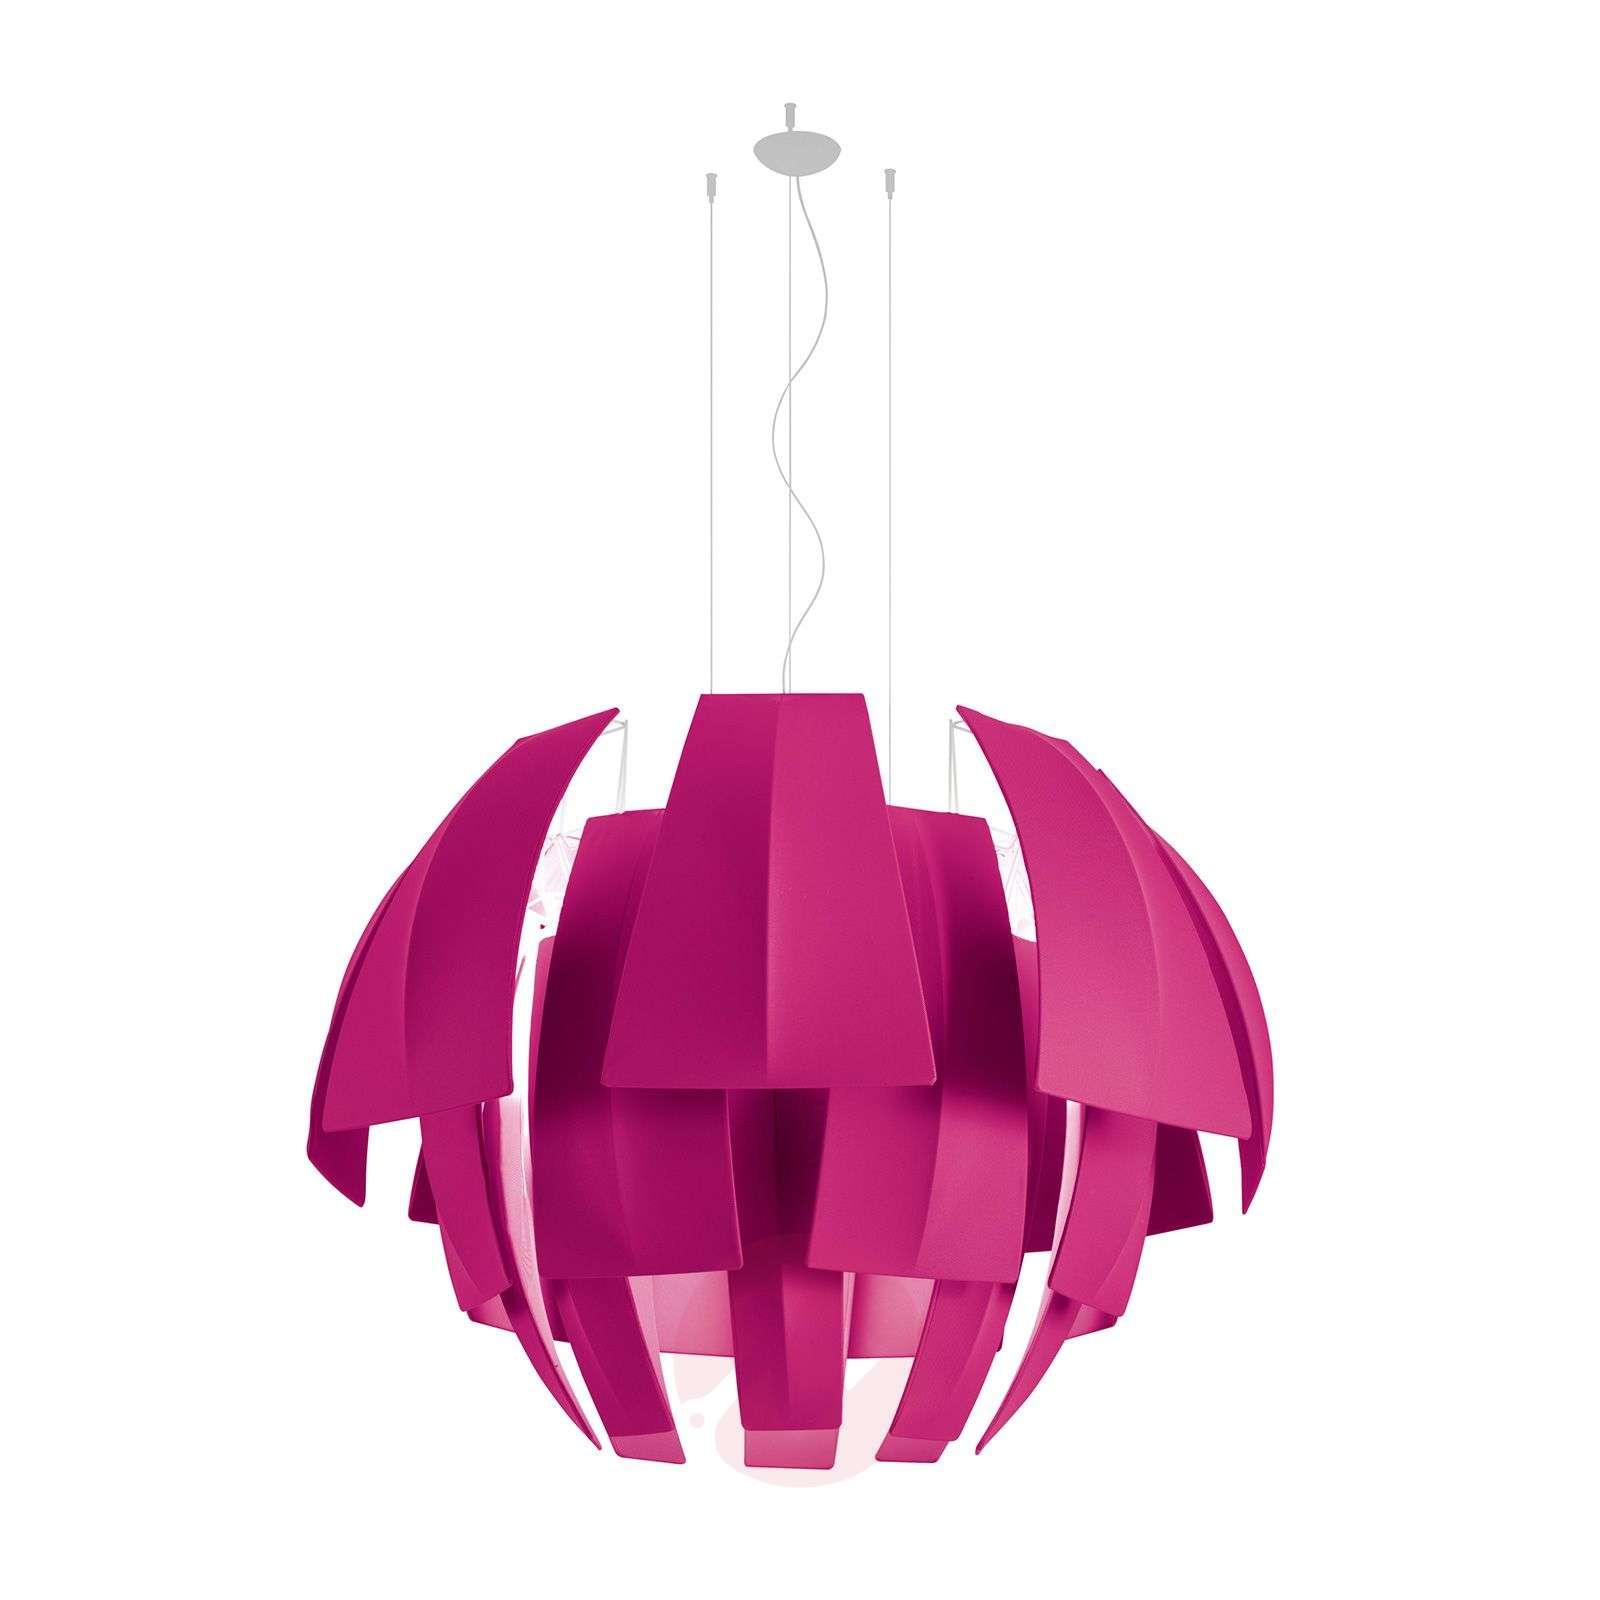 Värikäs Plumage-riippuvalaisin, fuksia-1088065-01